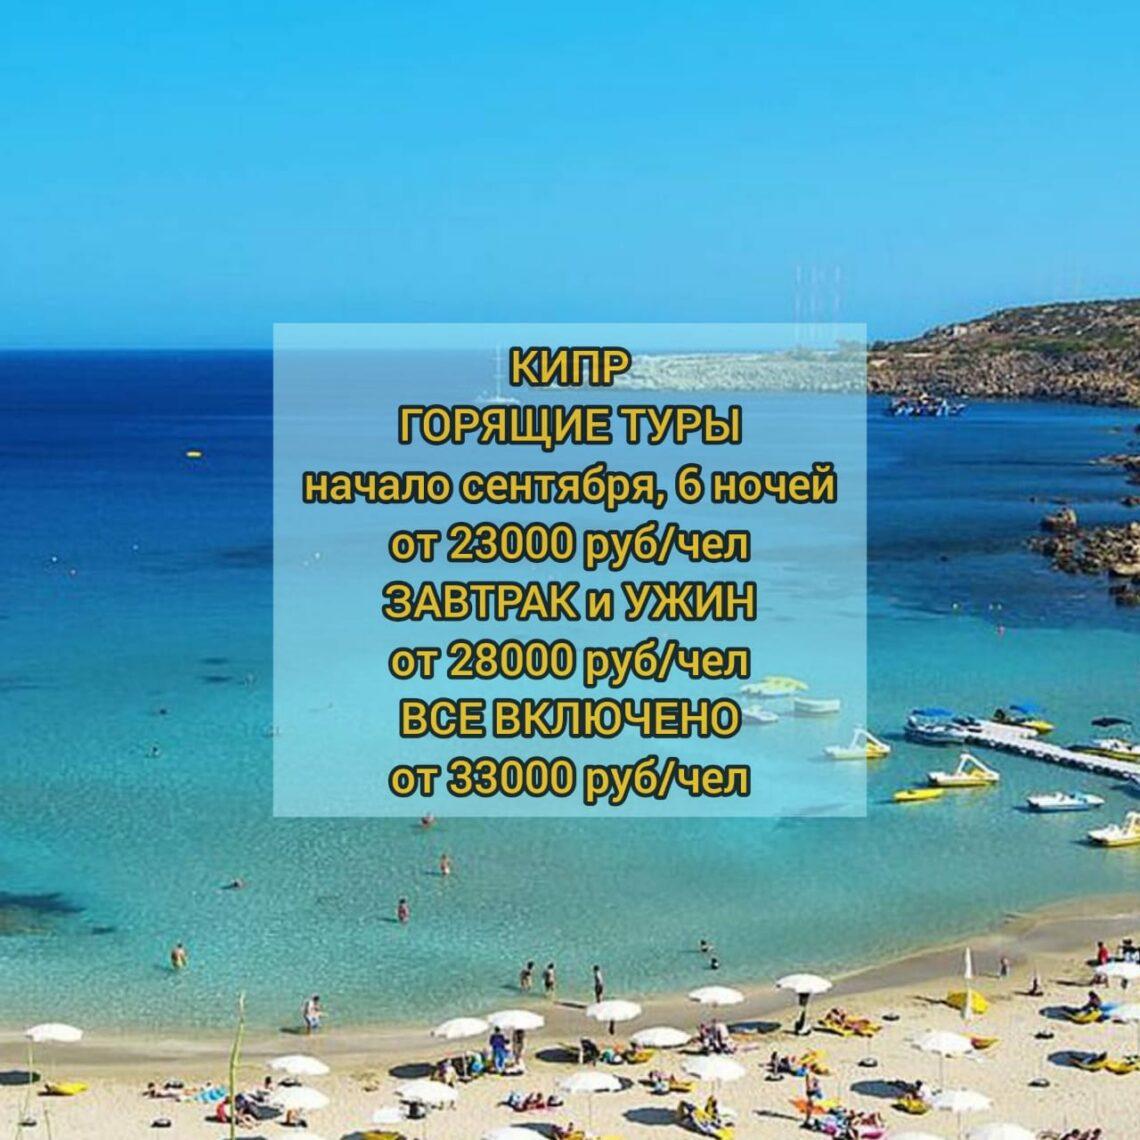 Туры на Кипр в сентябре